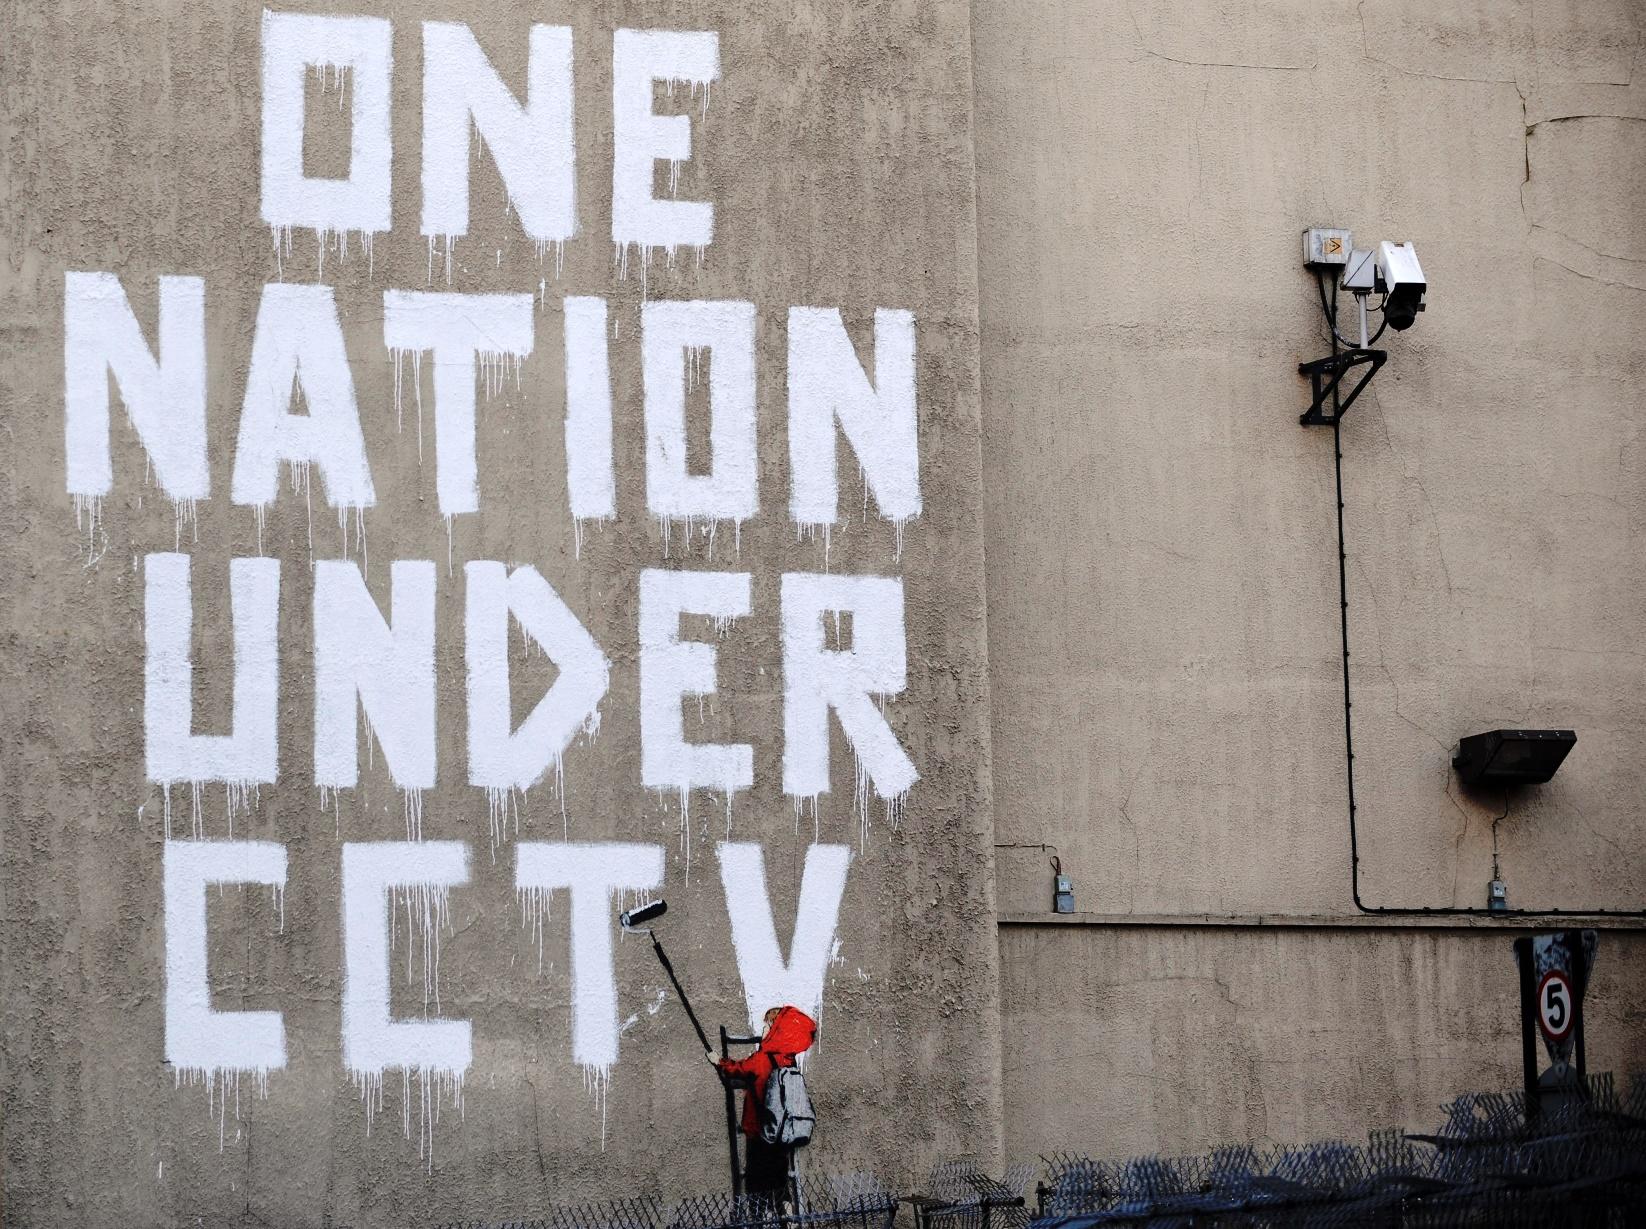 Ποιες κυβερνήσεις κατασκοπεύουν τις ψηφιακές επικοινωνίες;